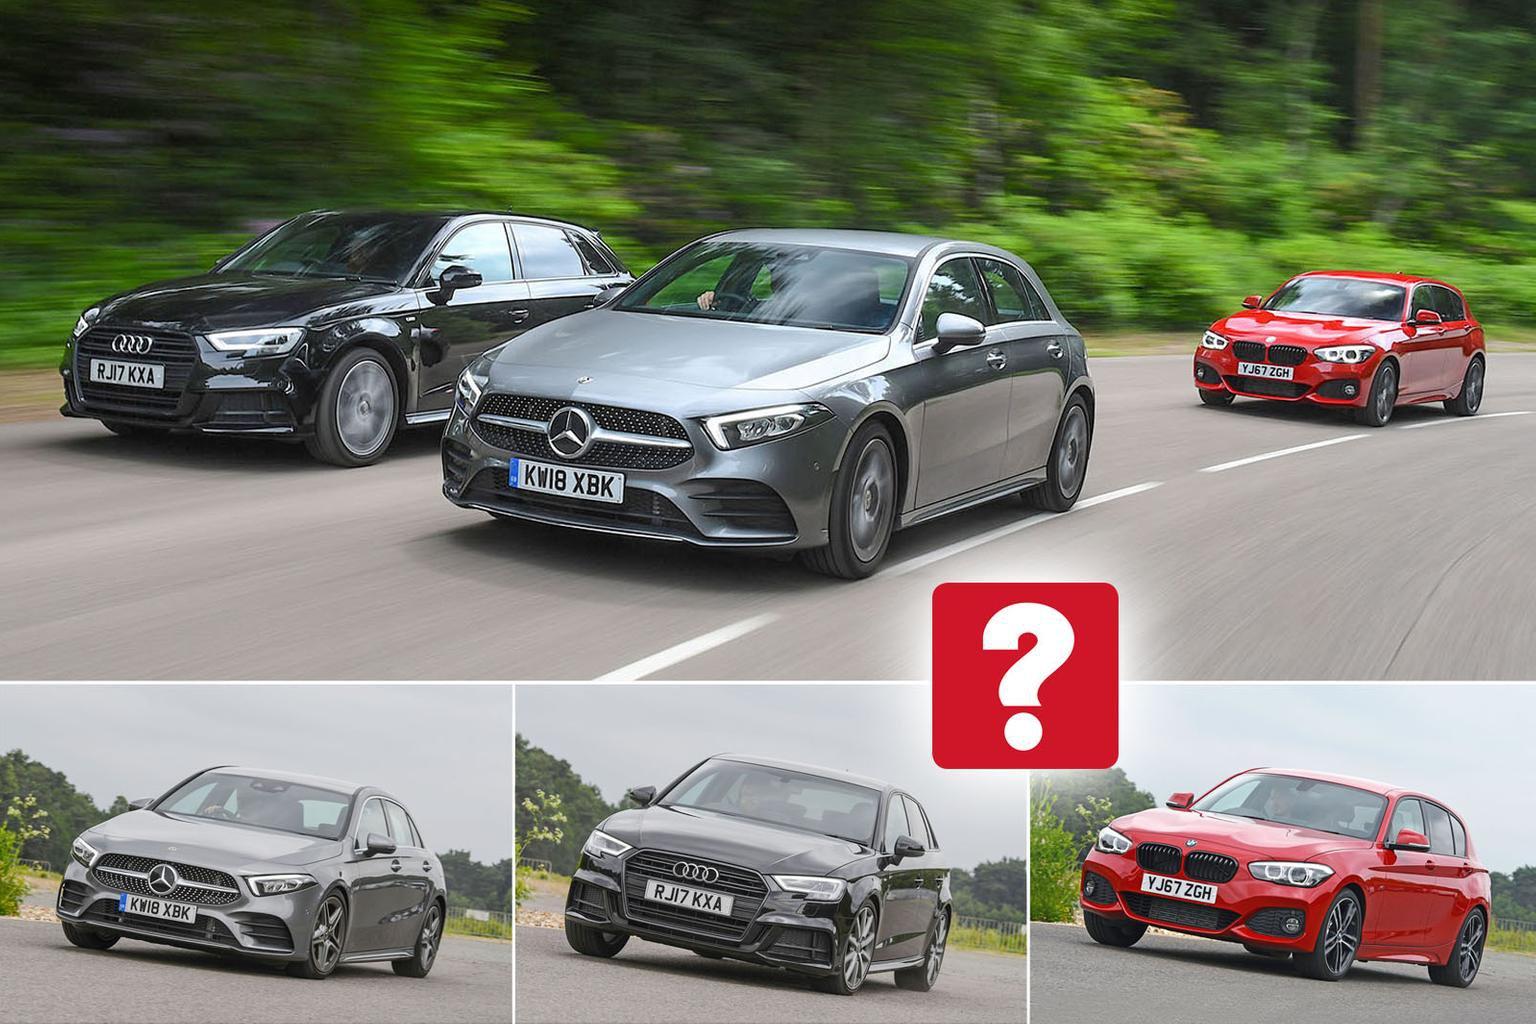 New Mercedes-Benz A-Class vs Audi A3 Sportback vs BMW 1